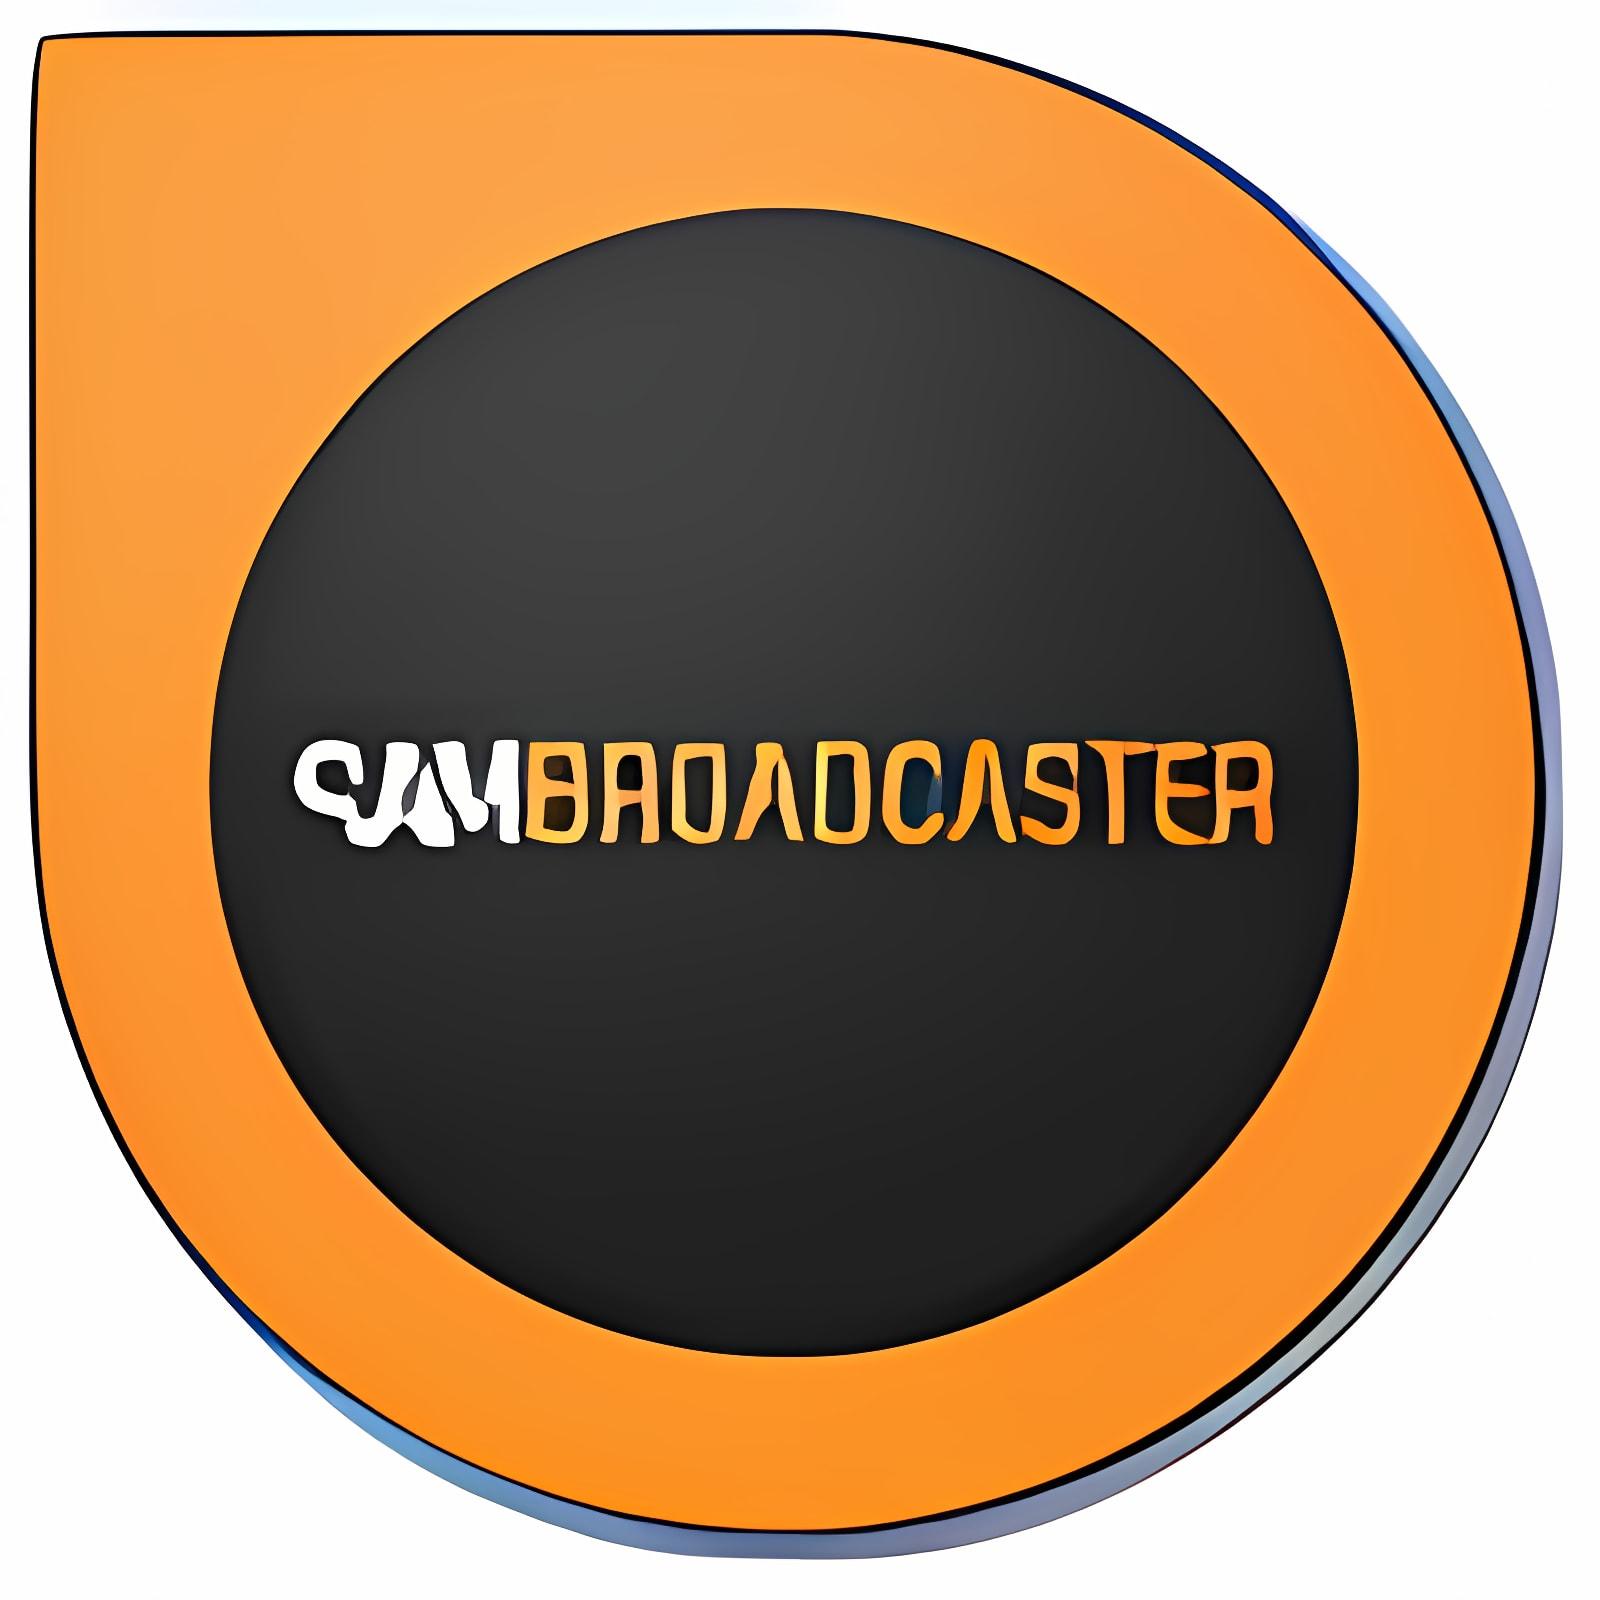 SAM Broadcaster